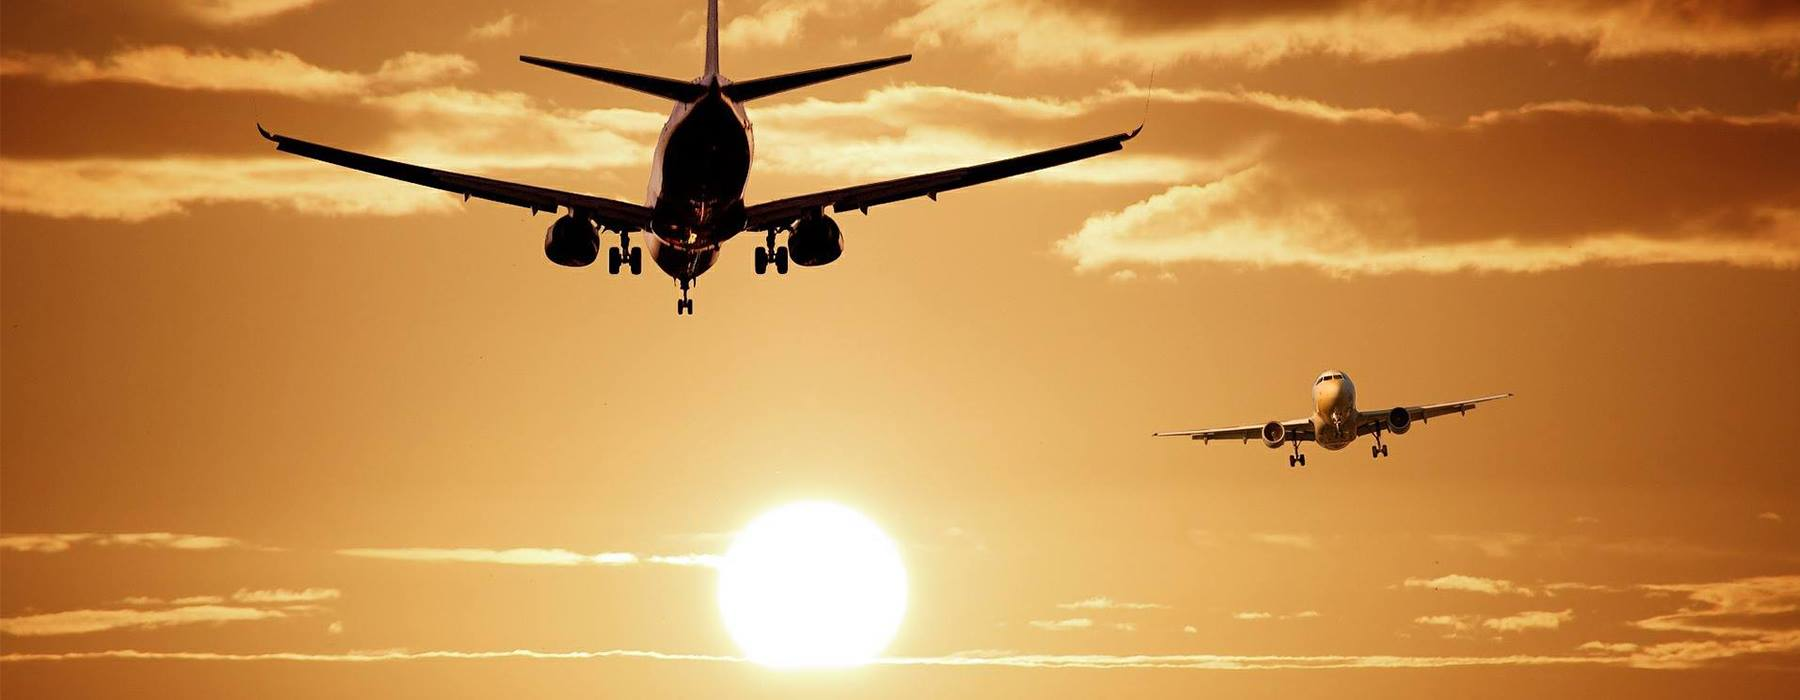 Kaunas airport to Vilnius transfers